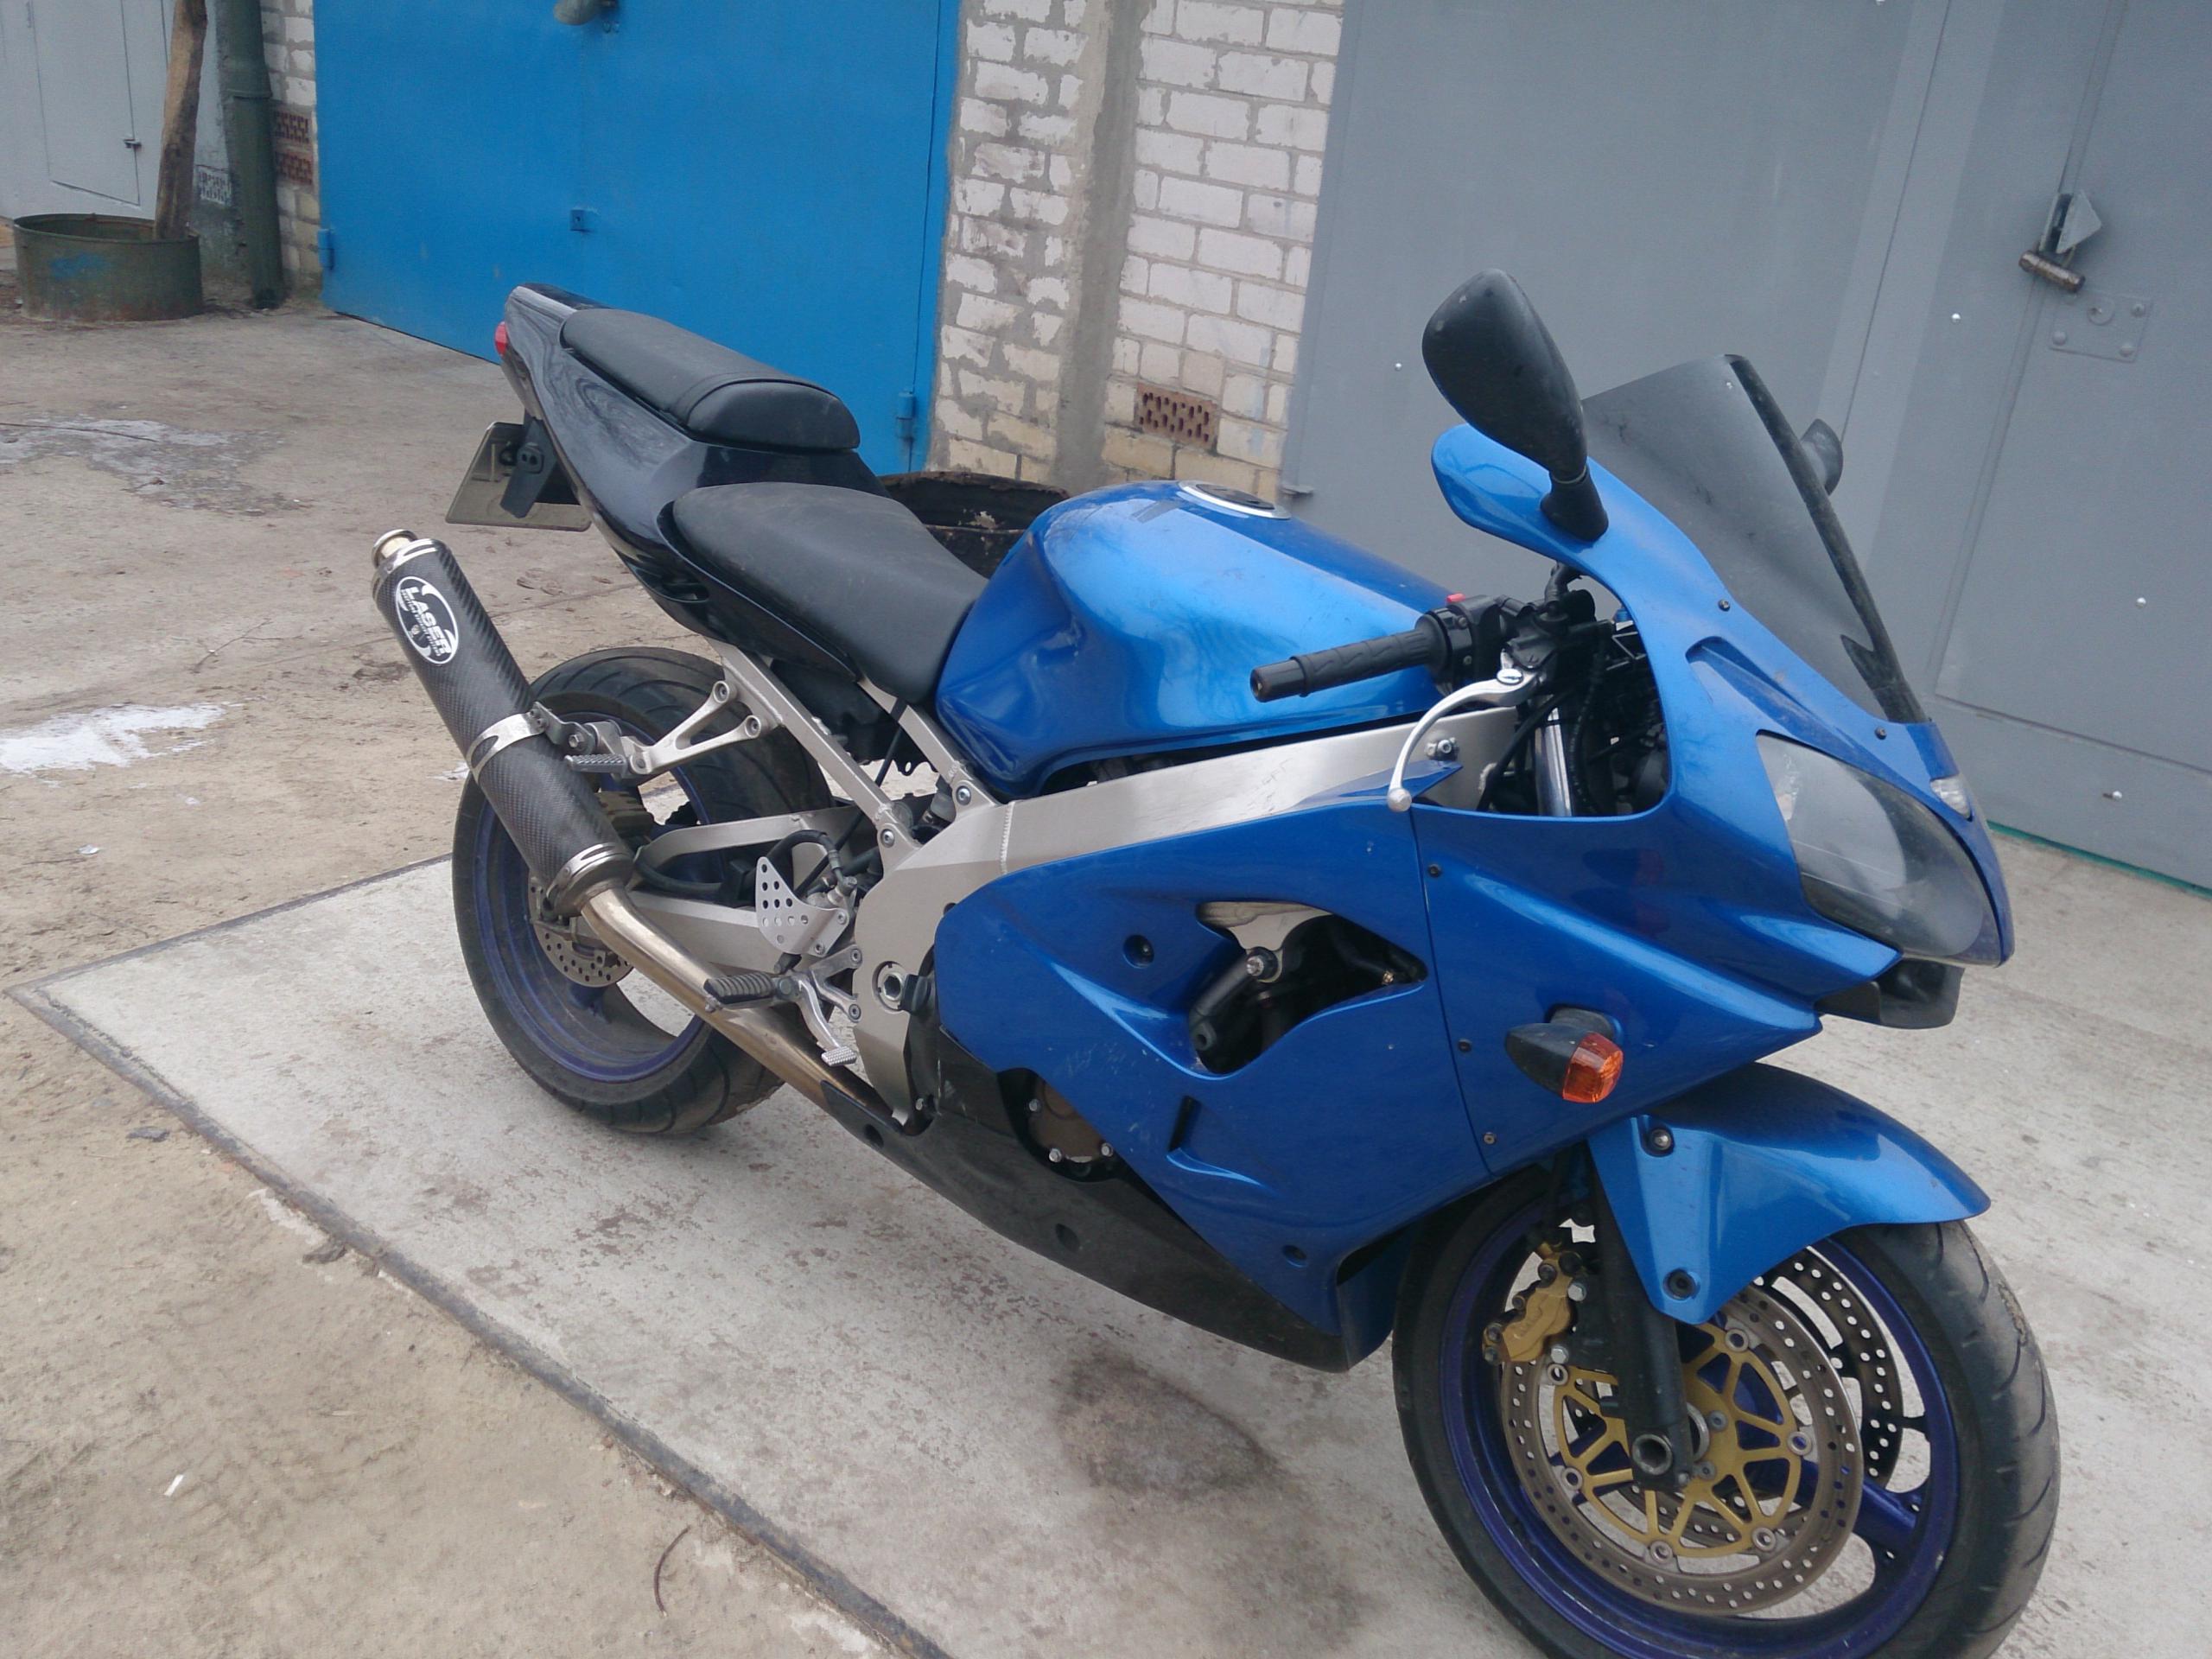 купить мотоцикл Kawasaki Ninja цена 3 600 беларусь брест 2002 г